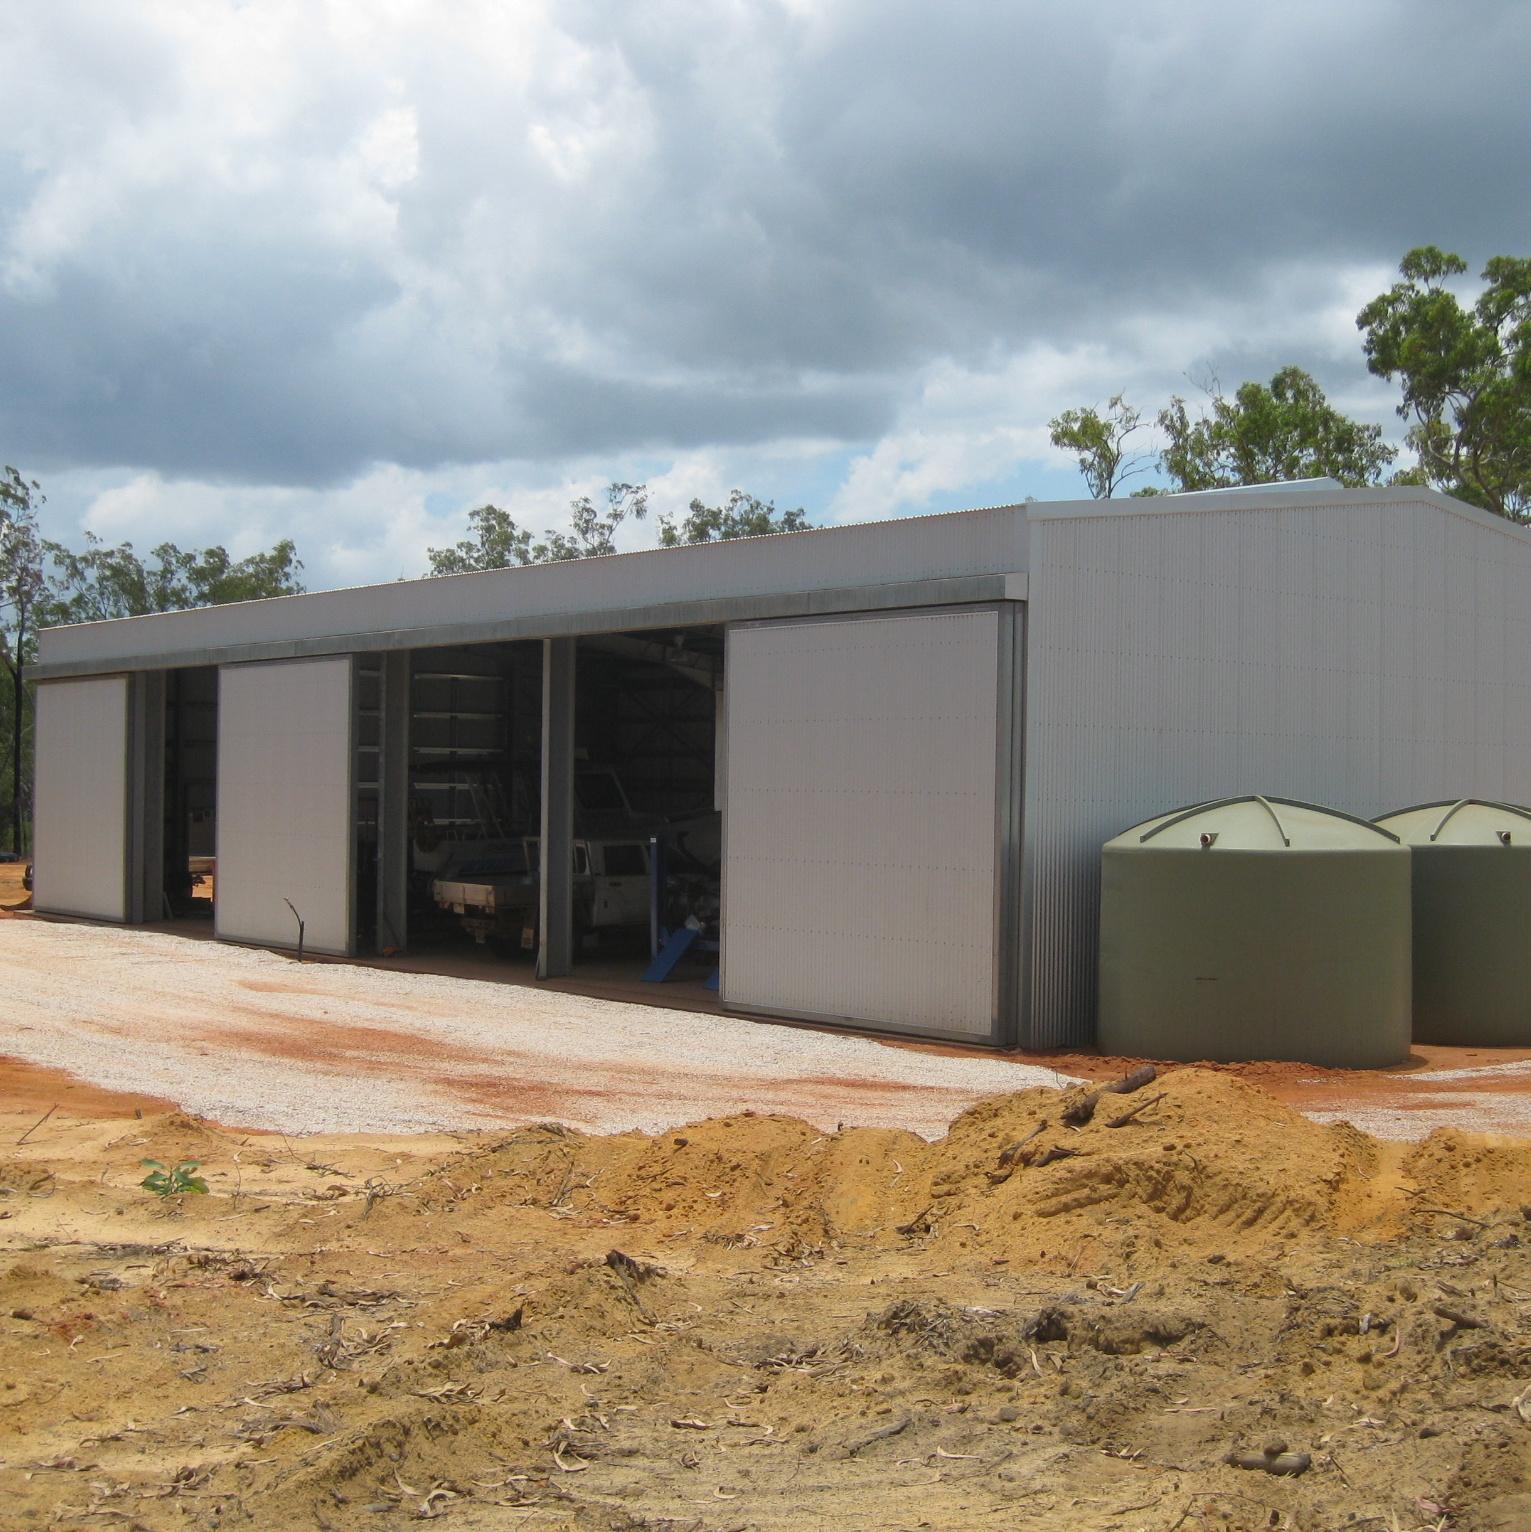 structural-sheds-1628EEFB1DA3C.jpg